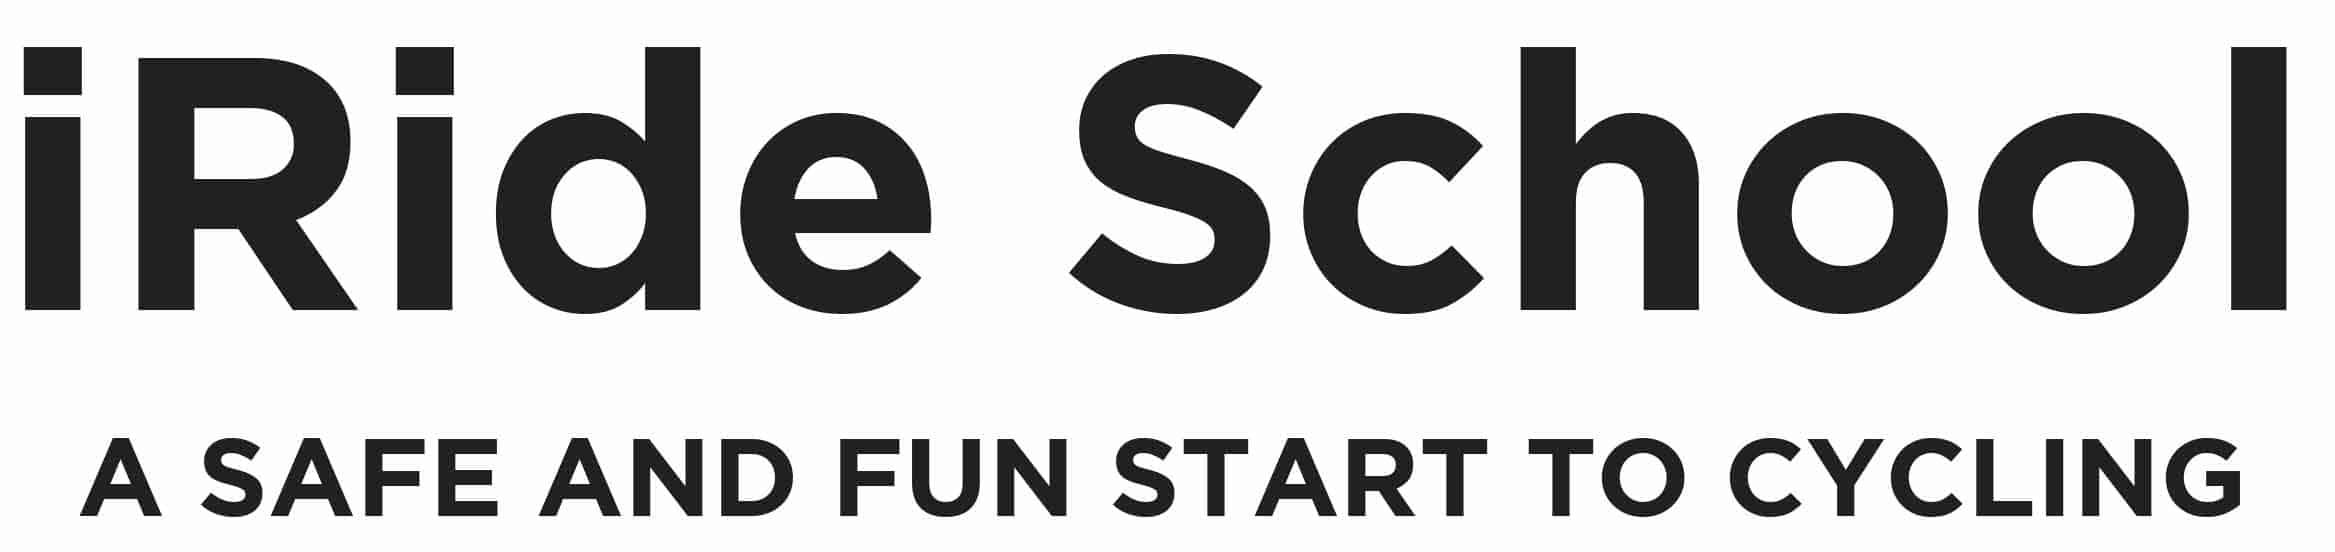 iRide Logo 2017.V4 (iRide Only) (iRide School) (Narrow)